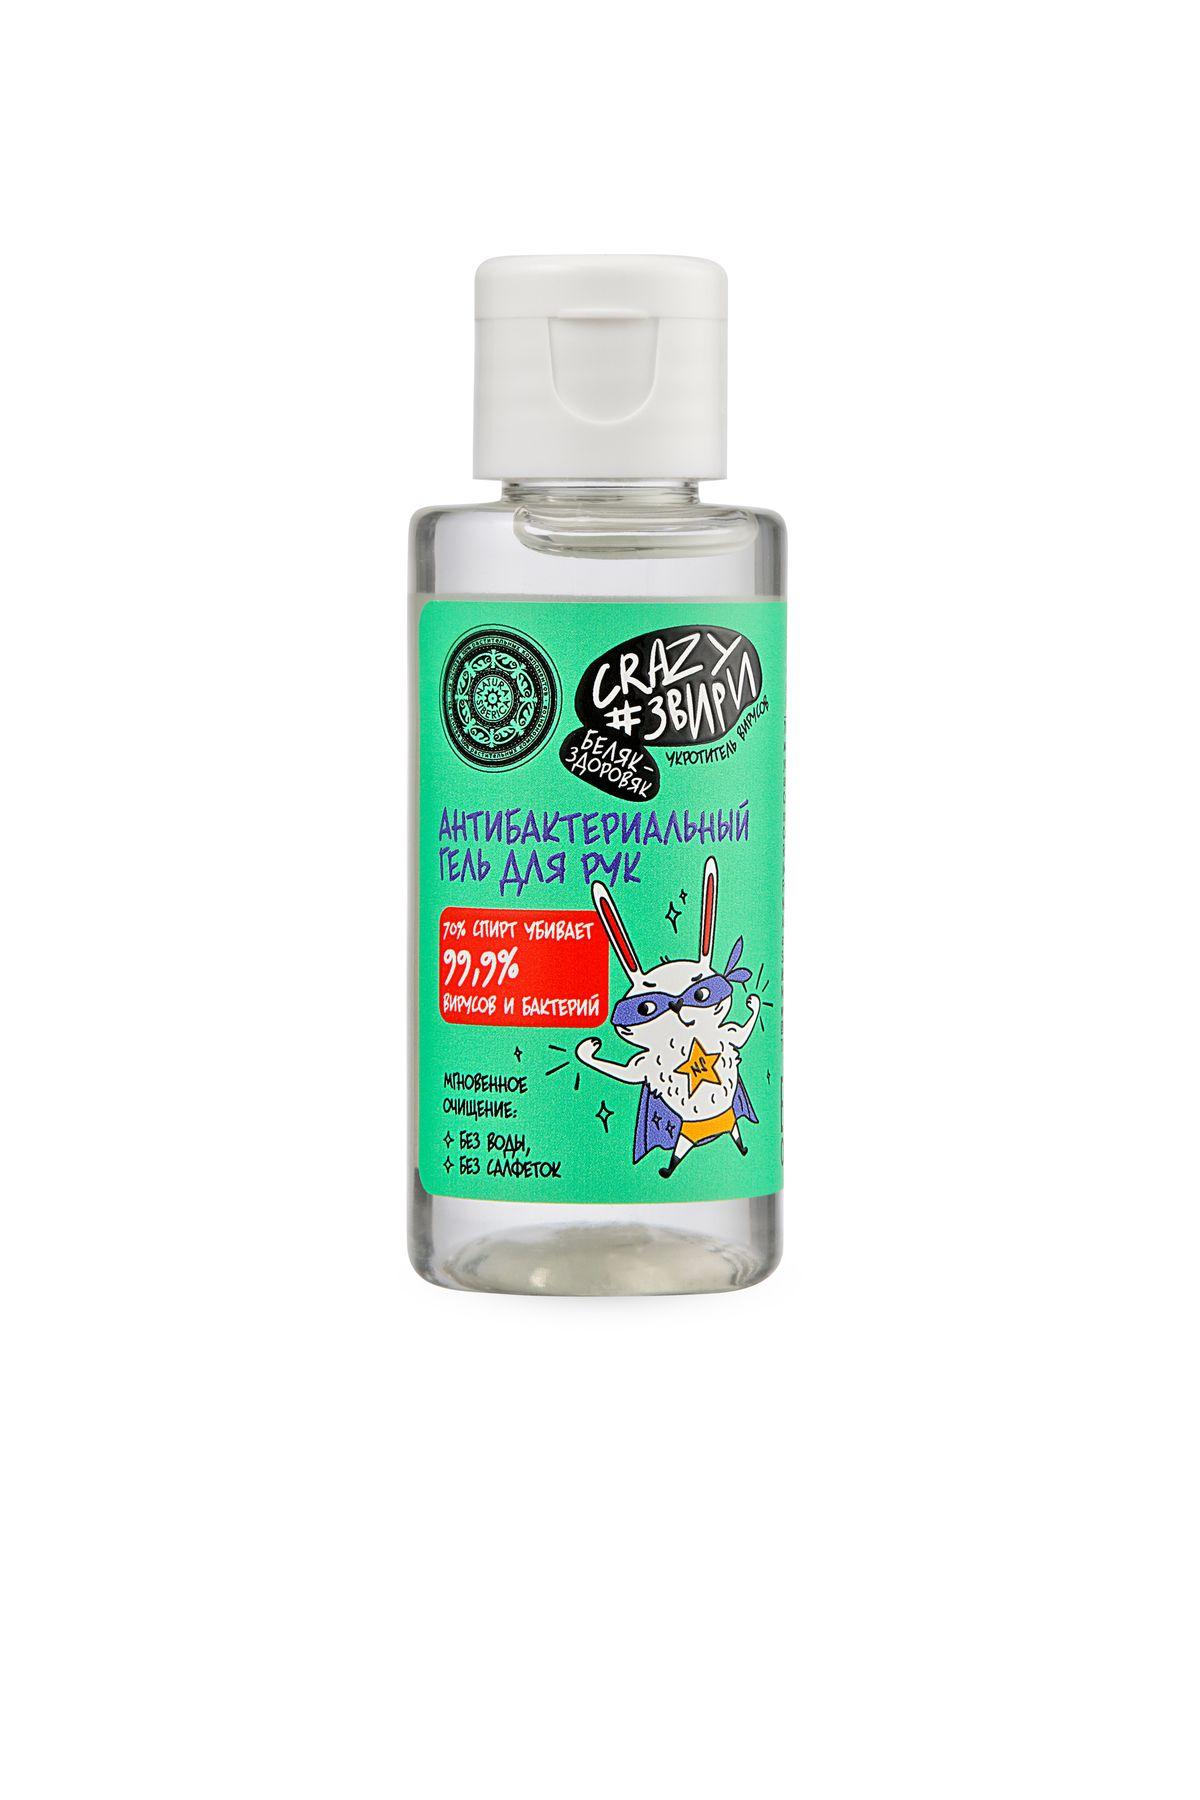 Купить Natura Siberica Crazy #звири Беляк-здоровяк Антибактериальный гель для рук, 50 мл (shop: Organic-shops Organic shops)